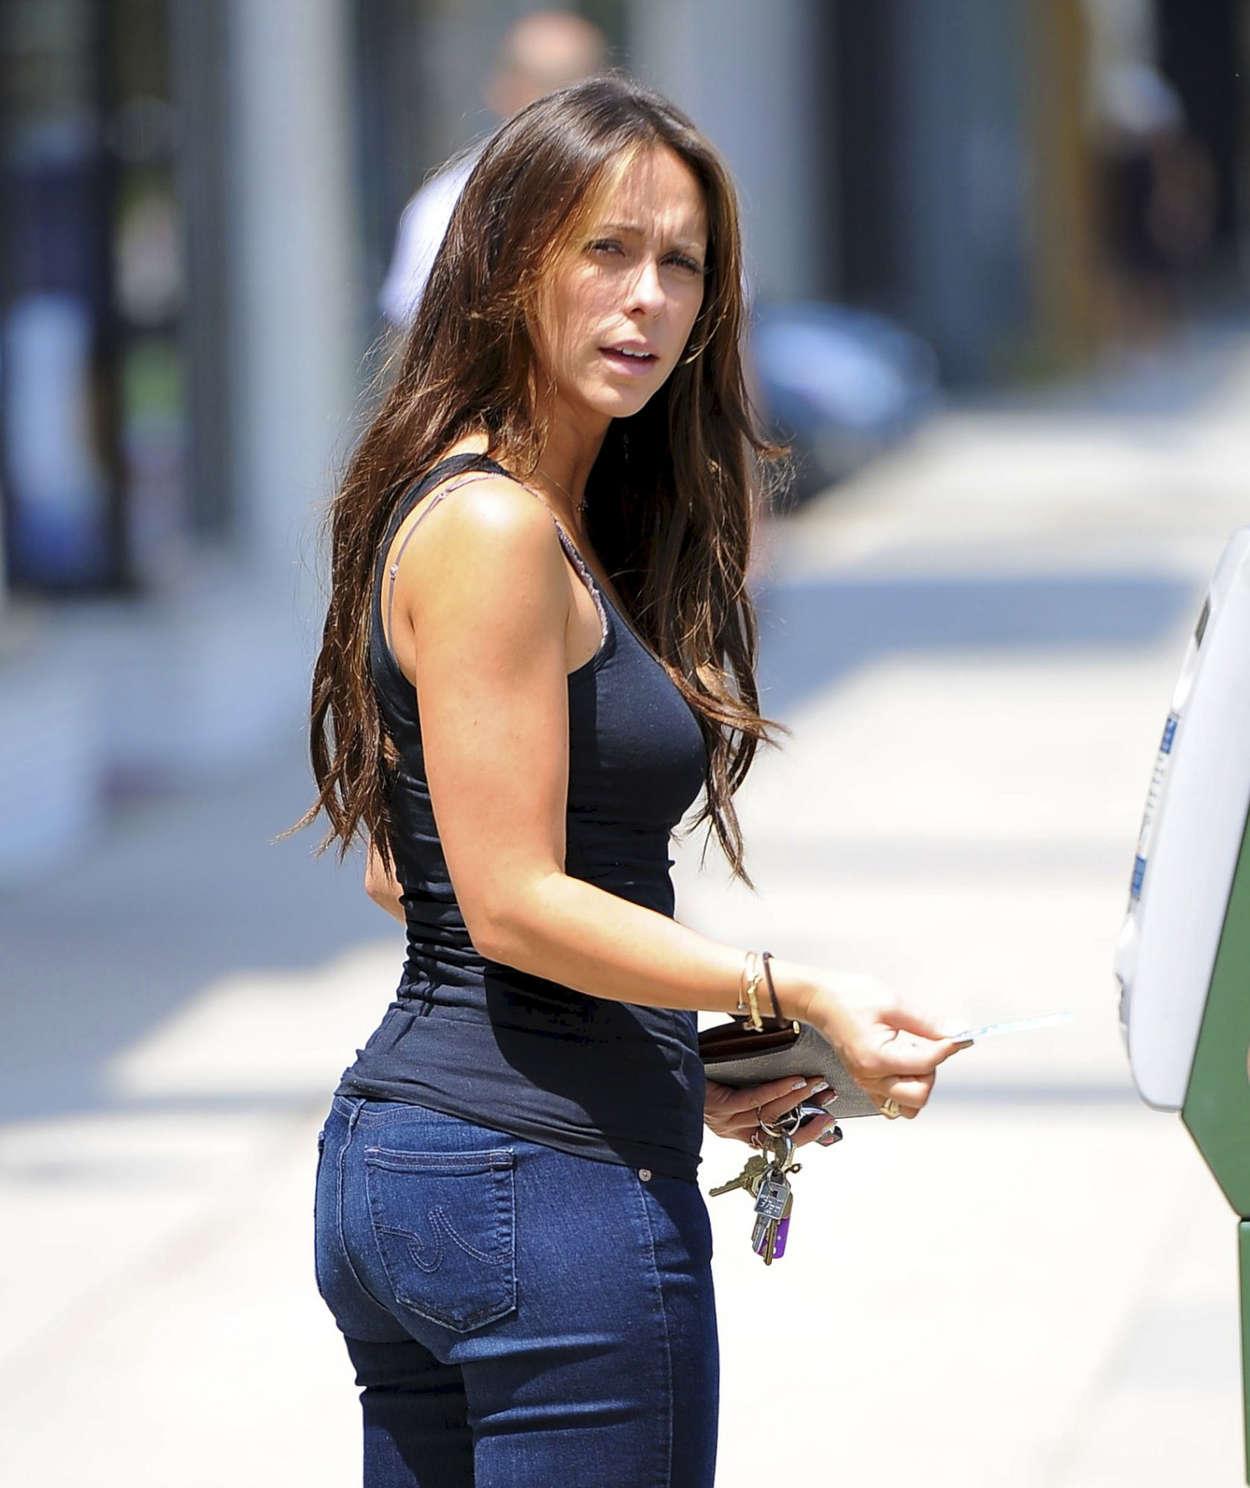 Jennifer Love Hewitt - In Jeans in L.A.-07 - GotCeleb